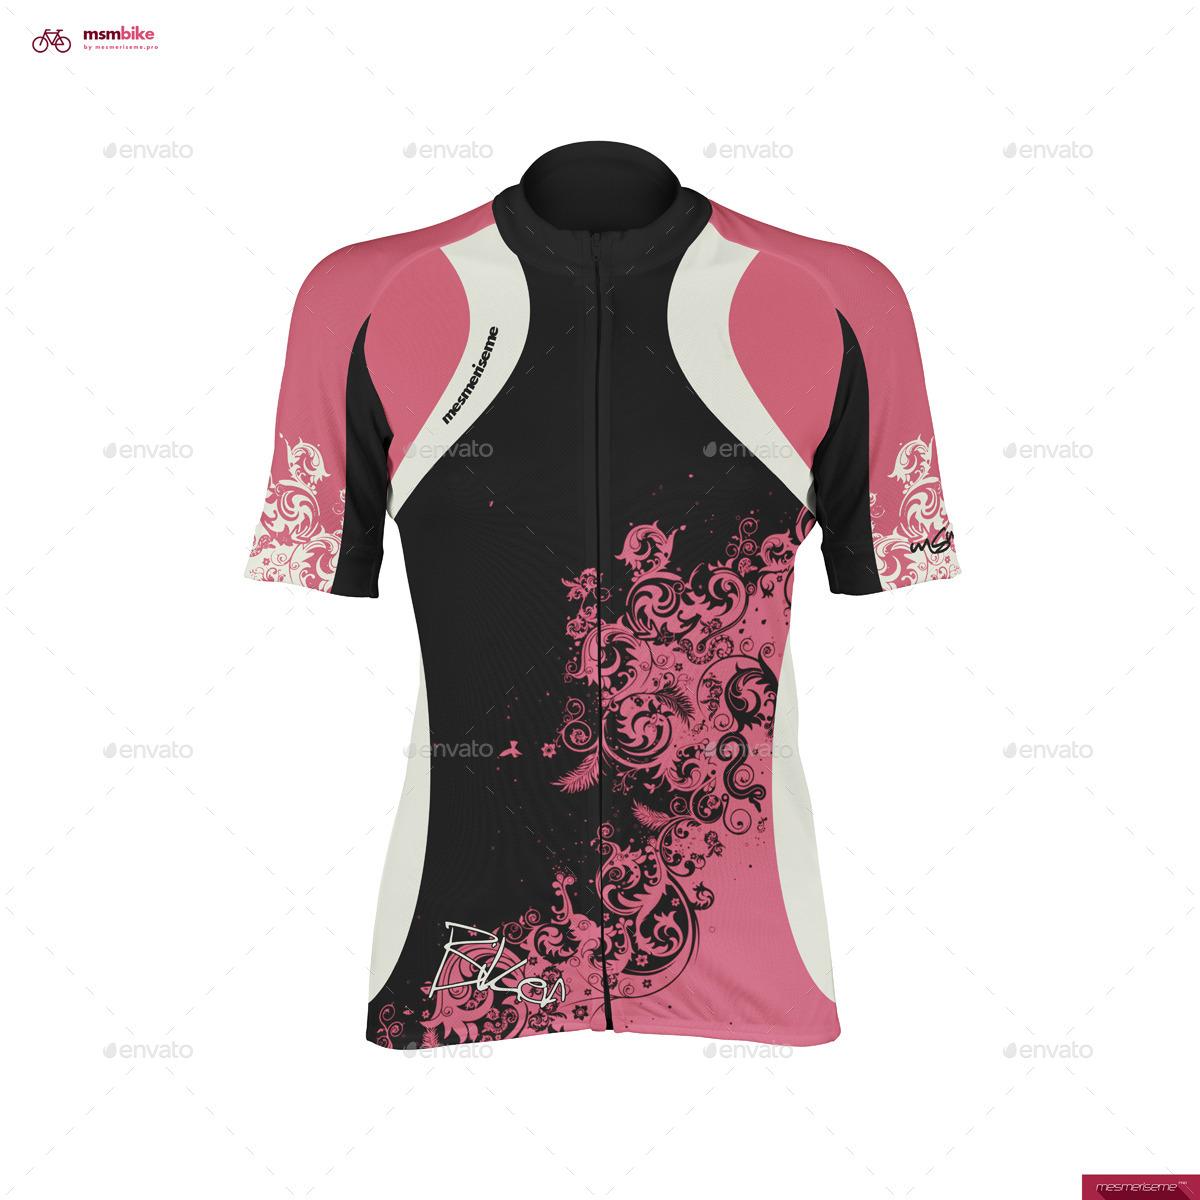 Women Bike Jersey Mock-up - Miscellaneous Apparel · screenshots 01. f7ee9a66d